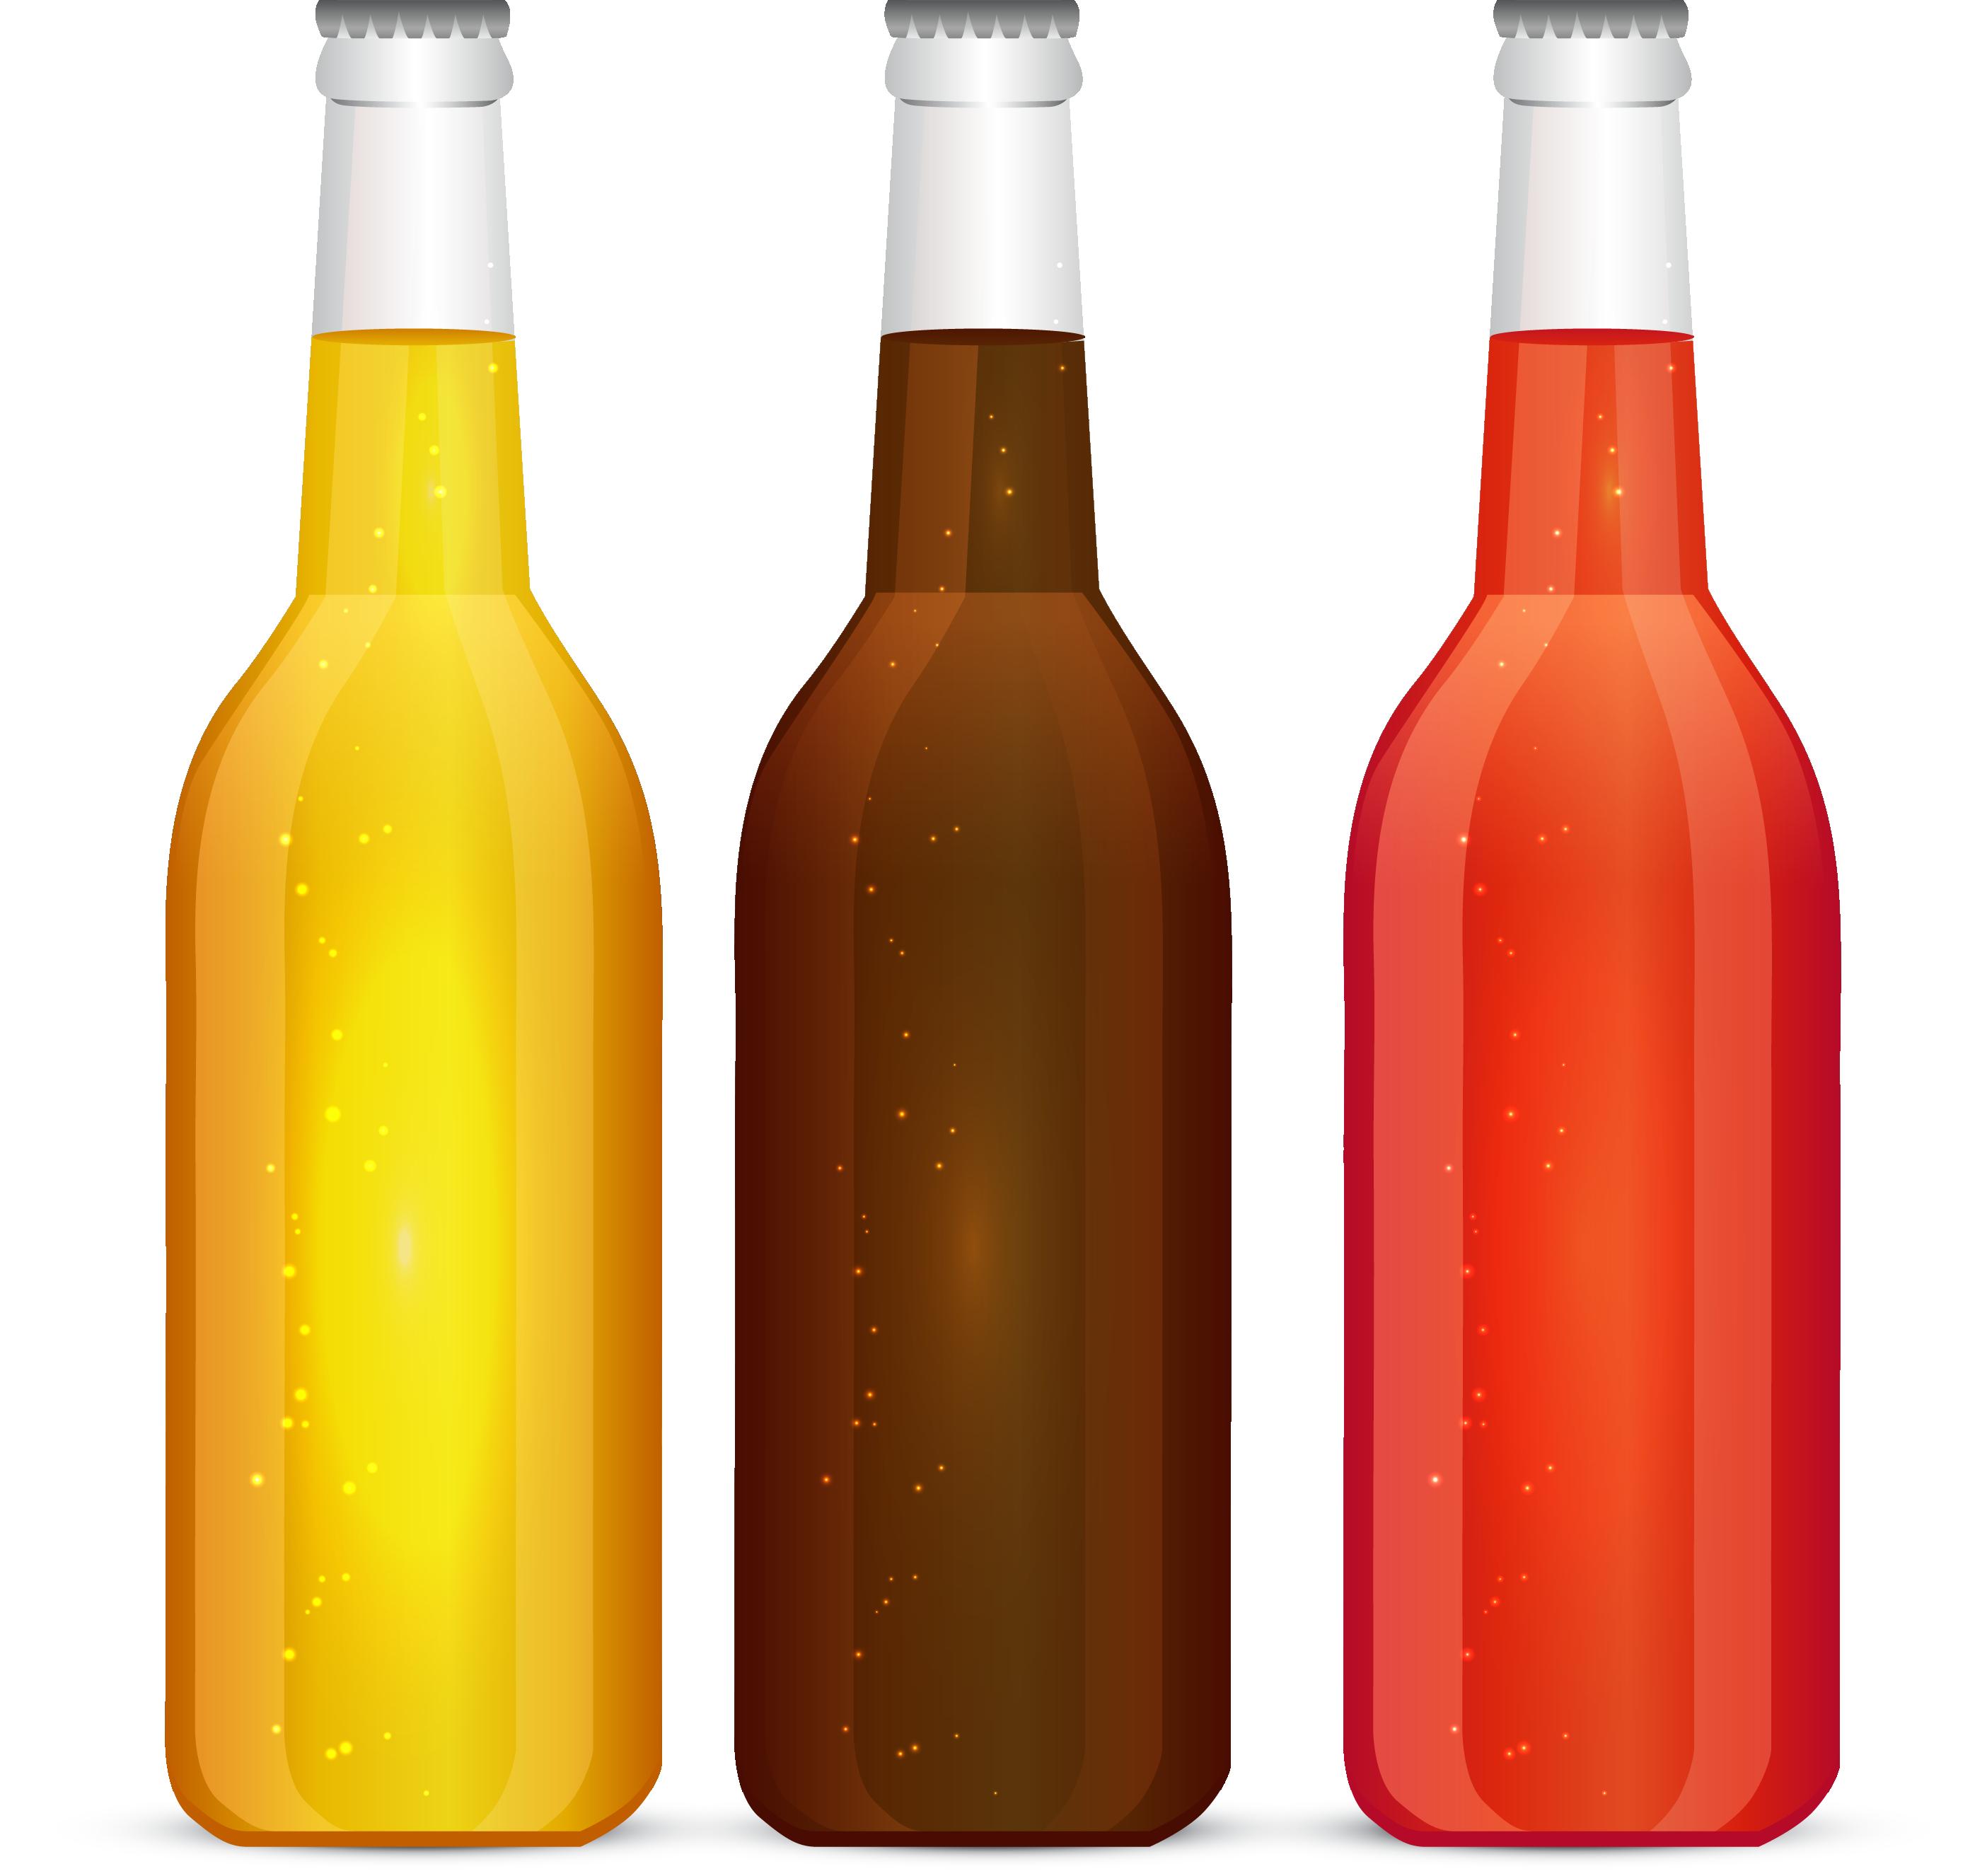 AGI glaspac soft drink